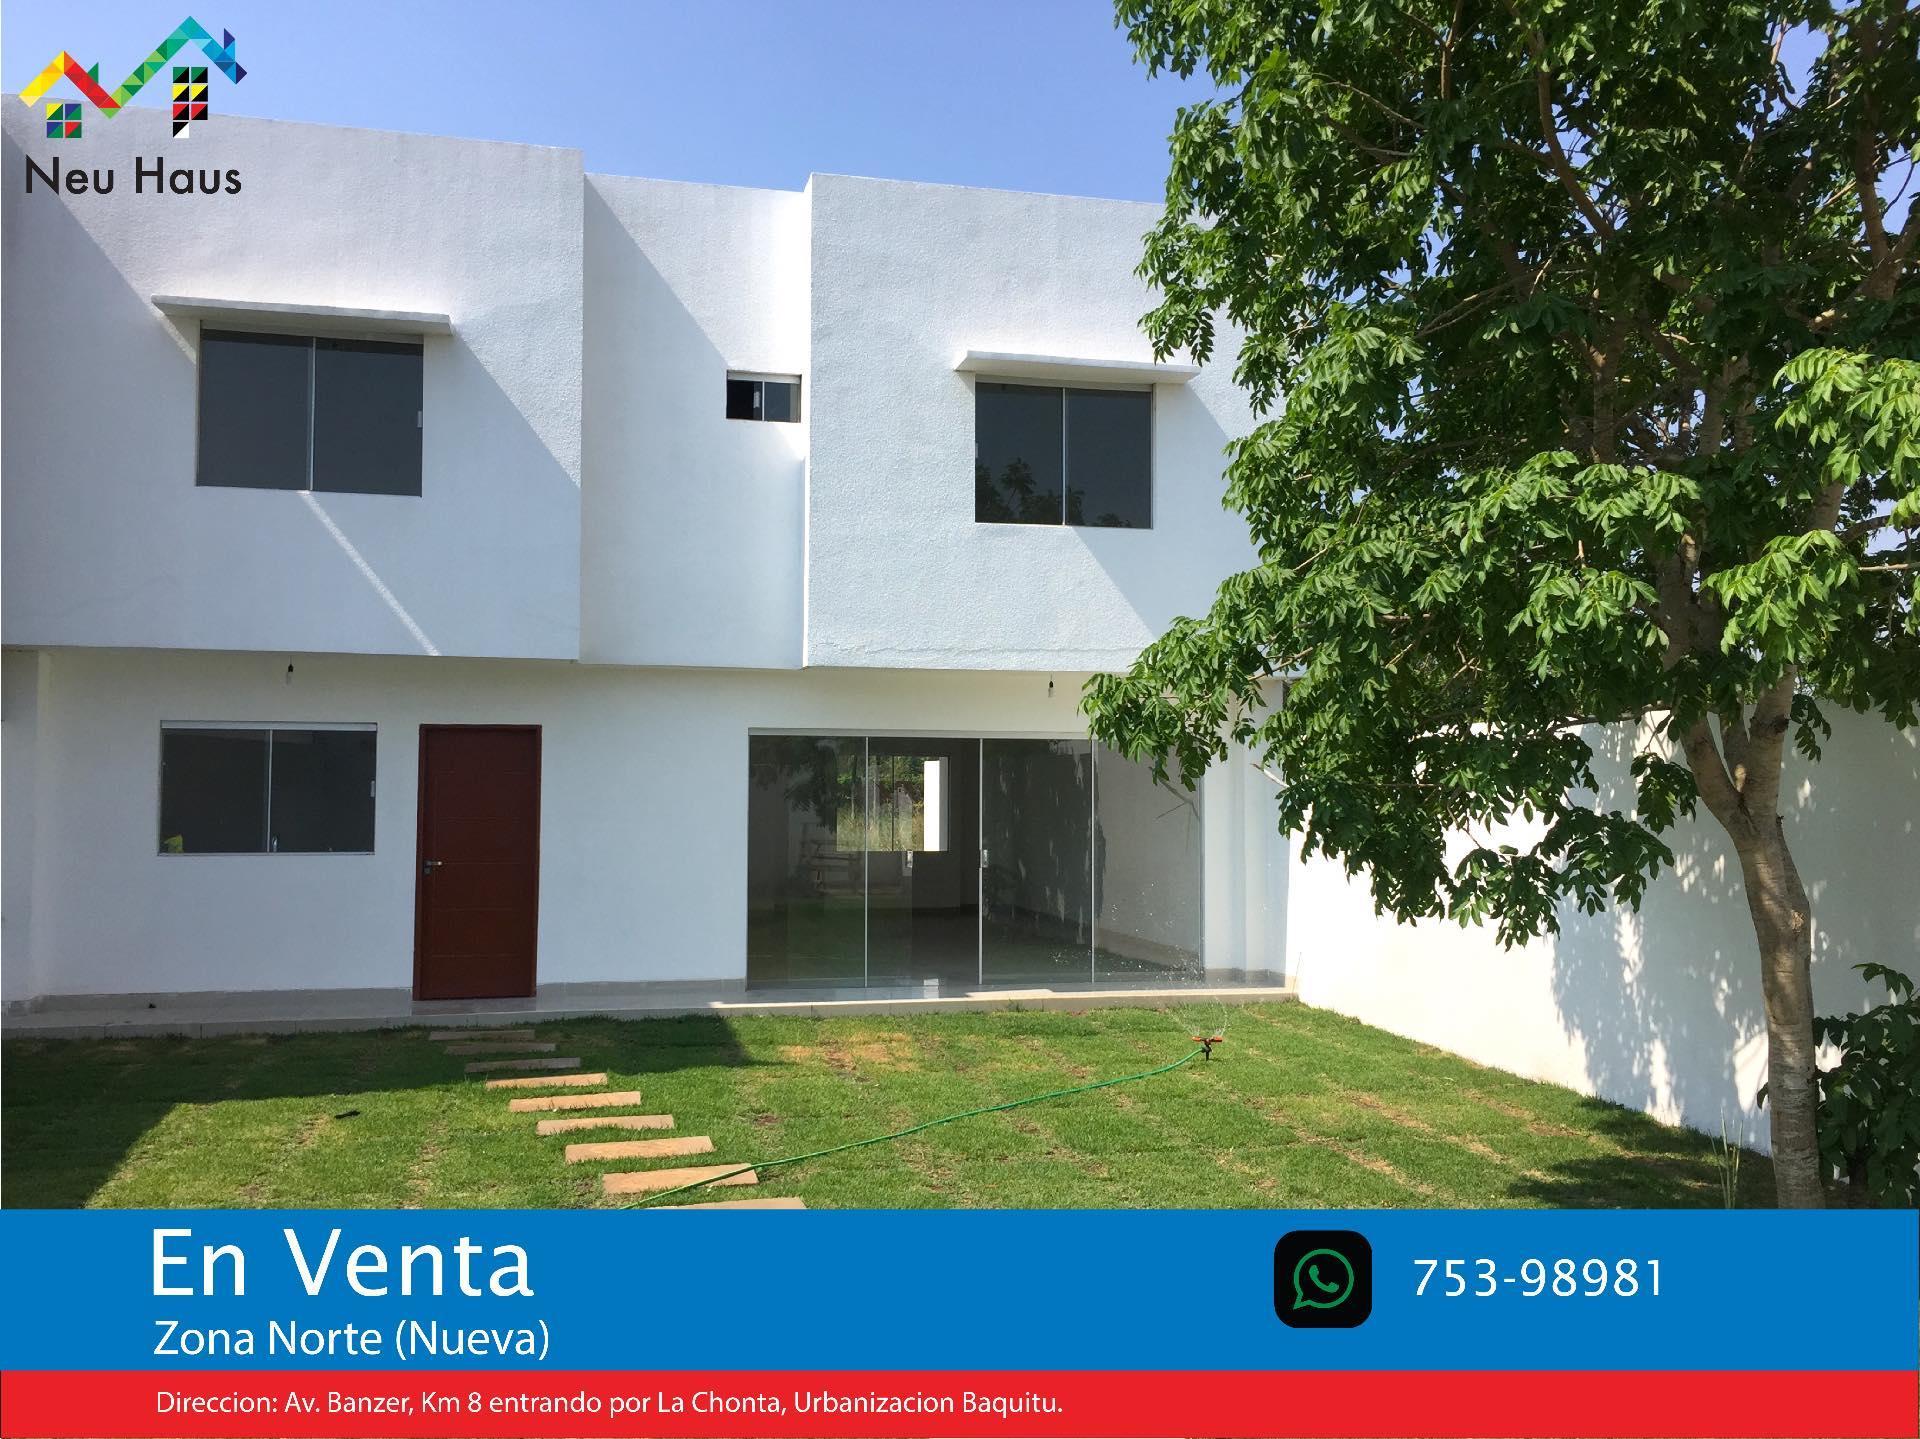 Casa en Venta Casa en Venta Urb.Baquitu, Av.Banzer entrando por La Chonta (800 Mts.) o Av.Beni 9no Anillo (Nueva Avenida) Foto 1